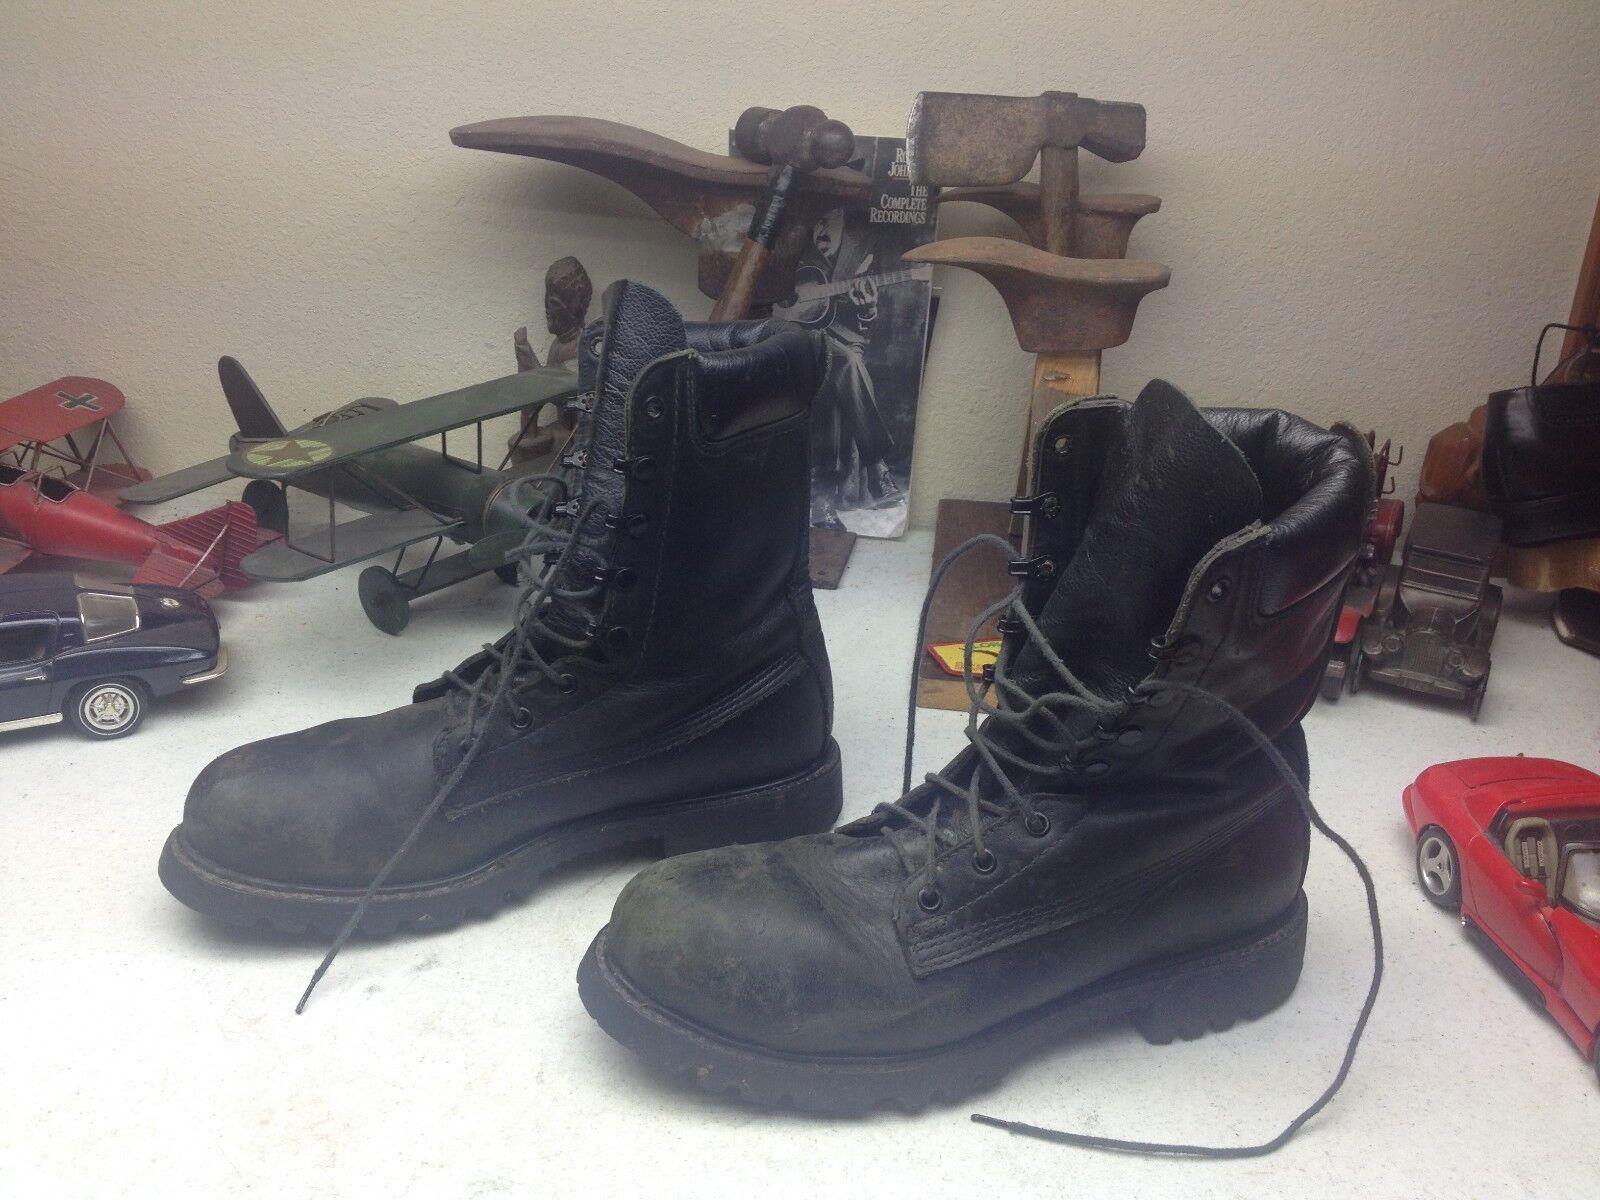 Envejecido Bombero EE. UU. Negro Cuero Con Cordones jefe Puntera De Acero botas De Trabajo 10 D